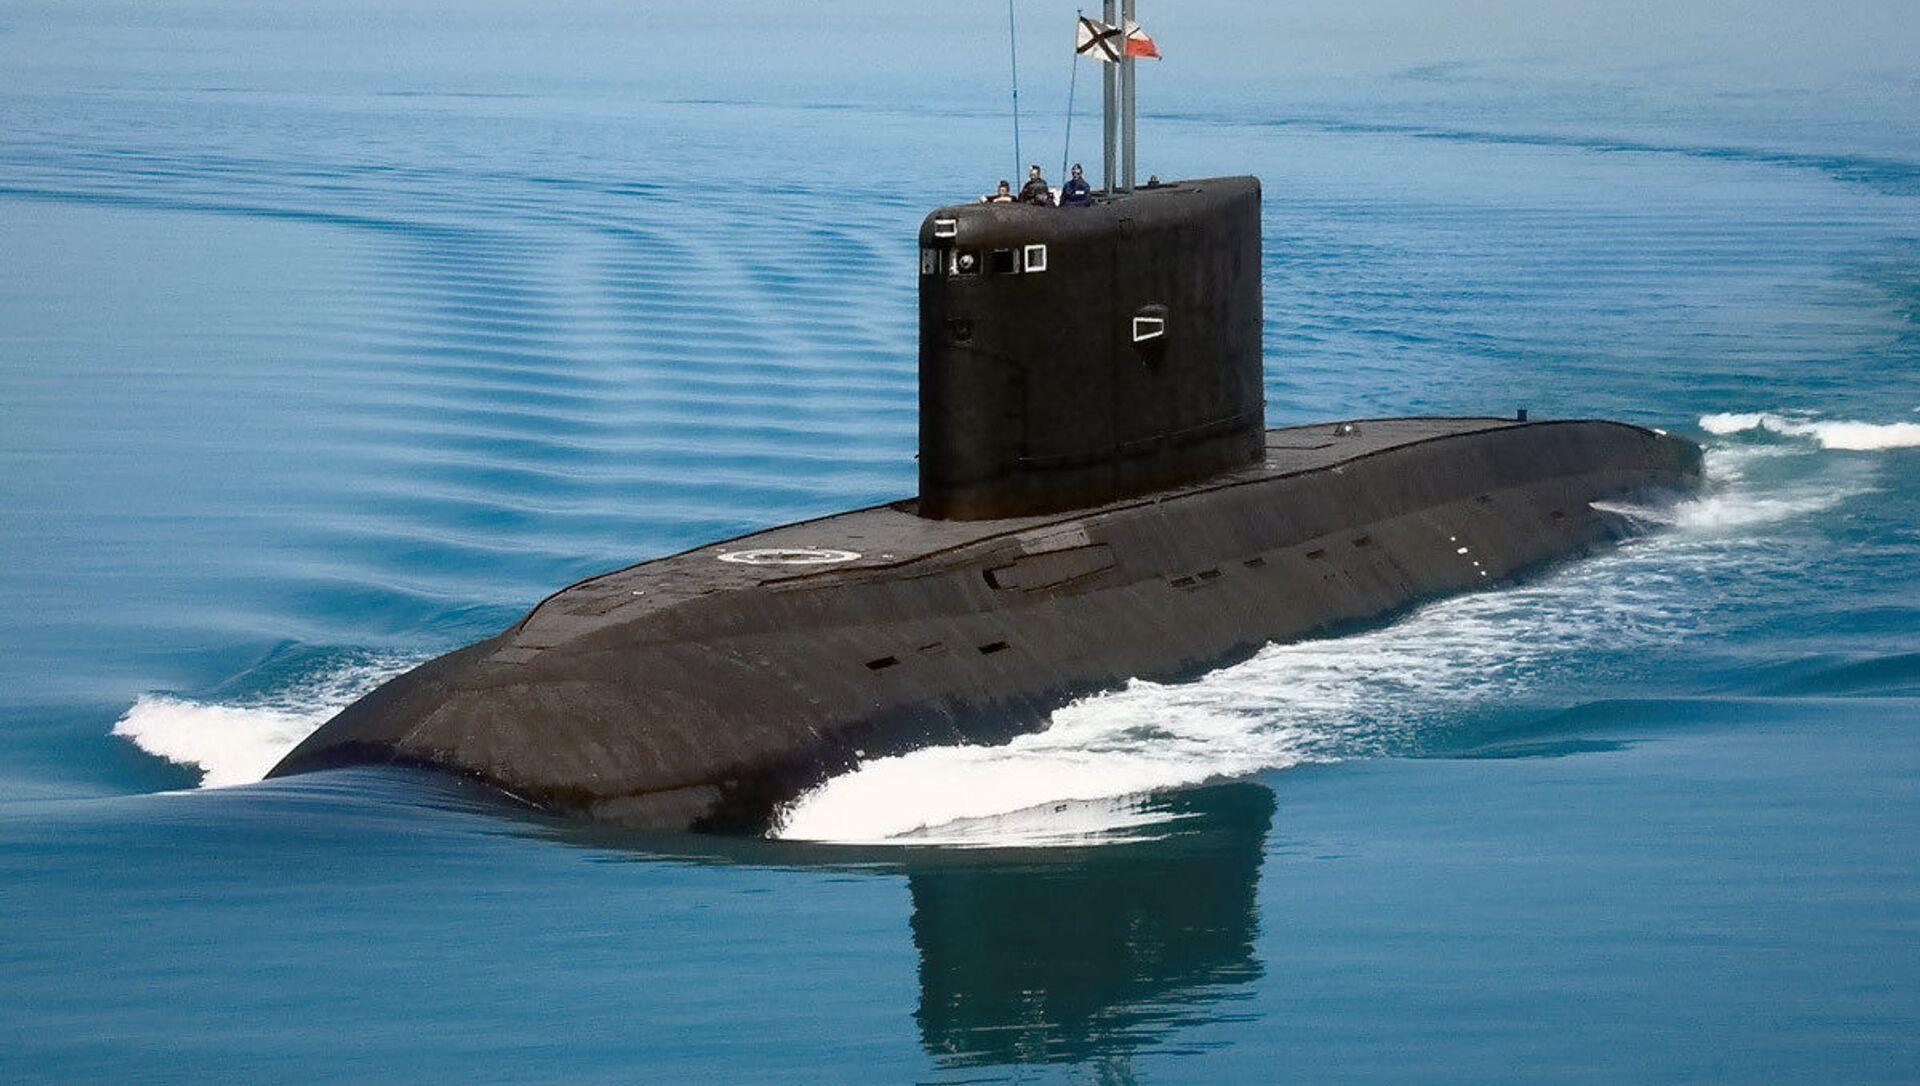 Ponorka Rostov na Donu - Sputnik Česká republika, 1920, 19.03.2021